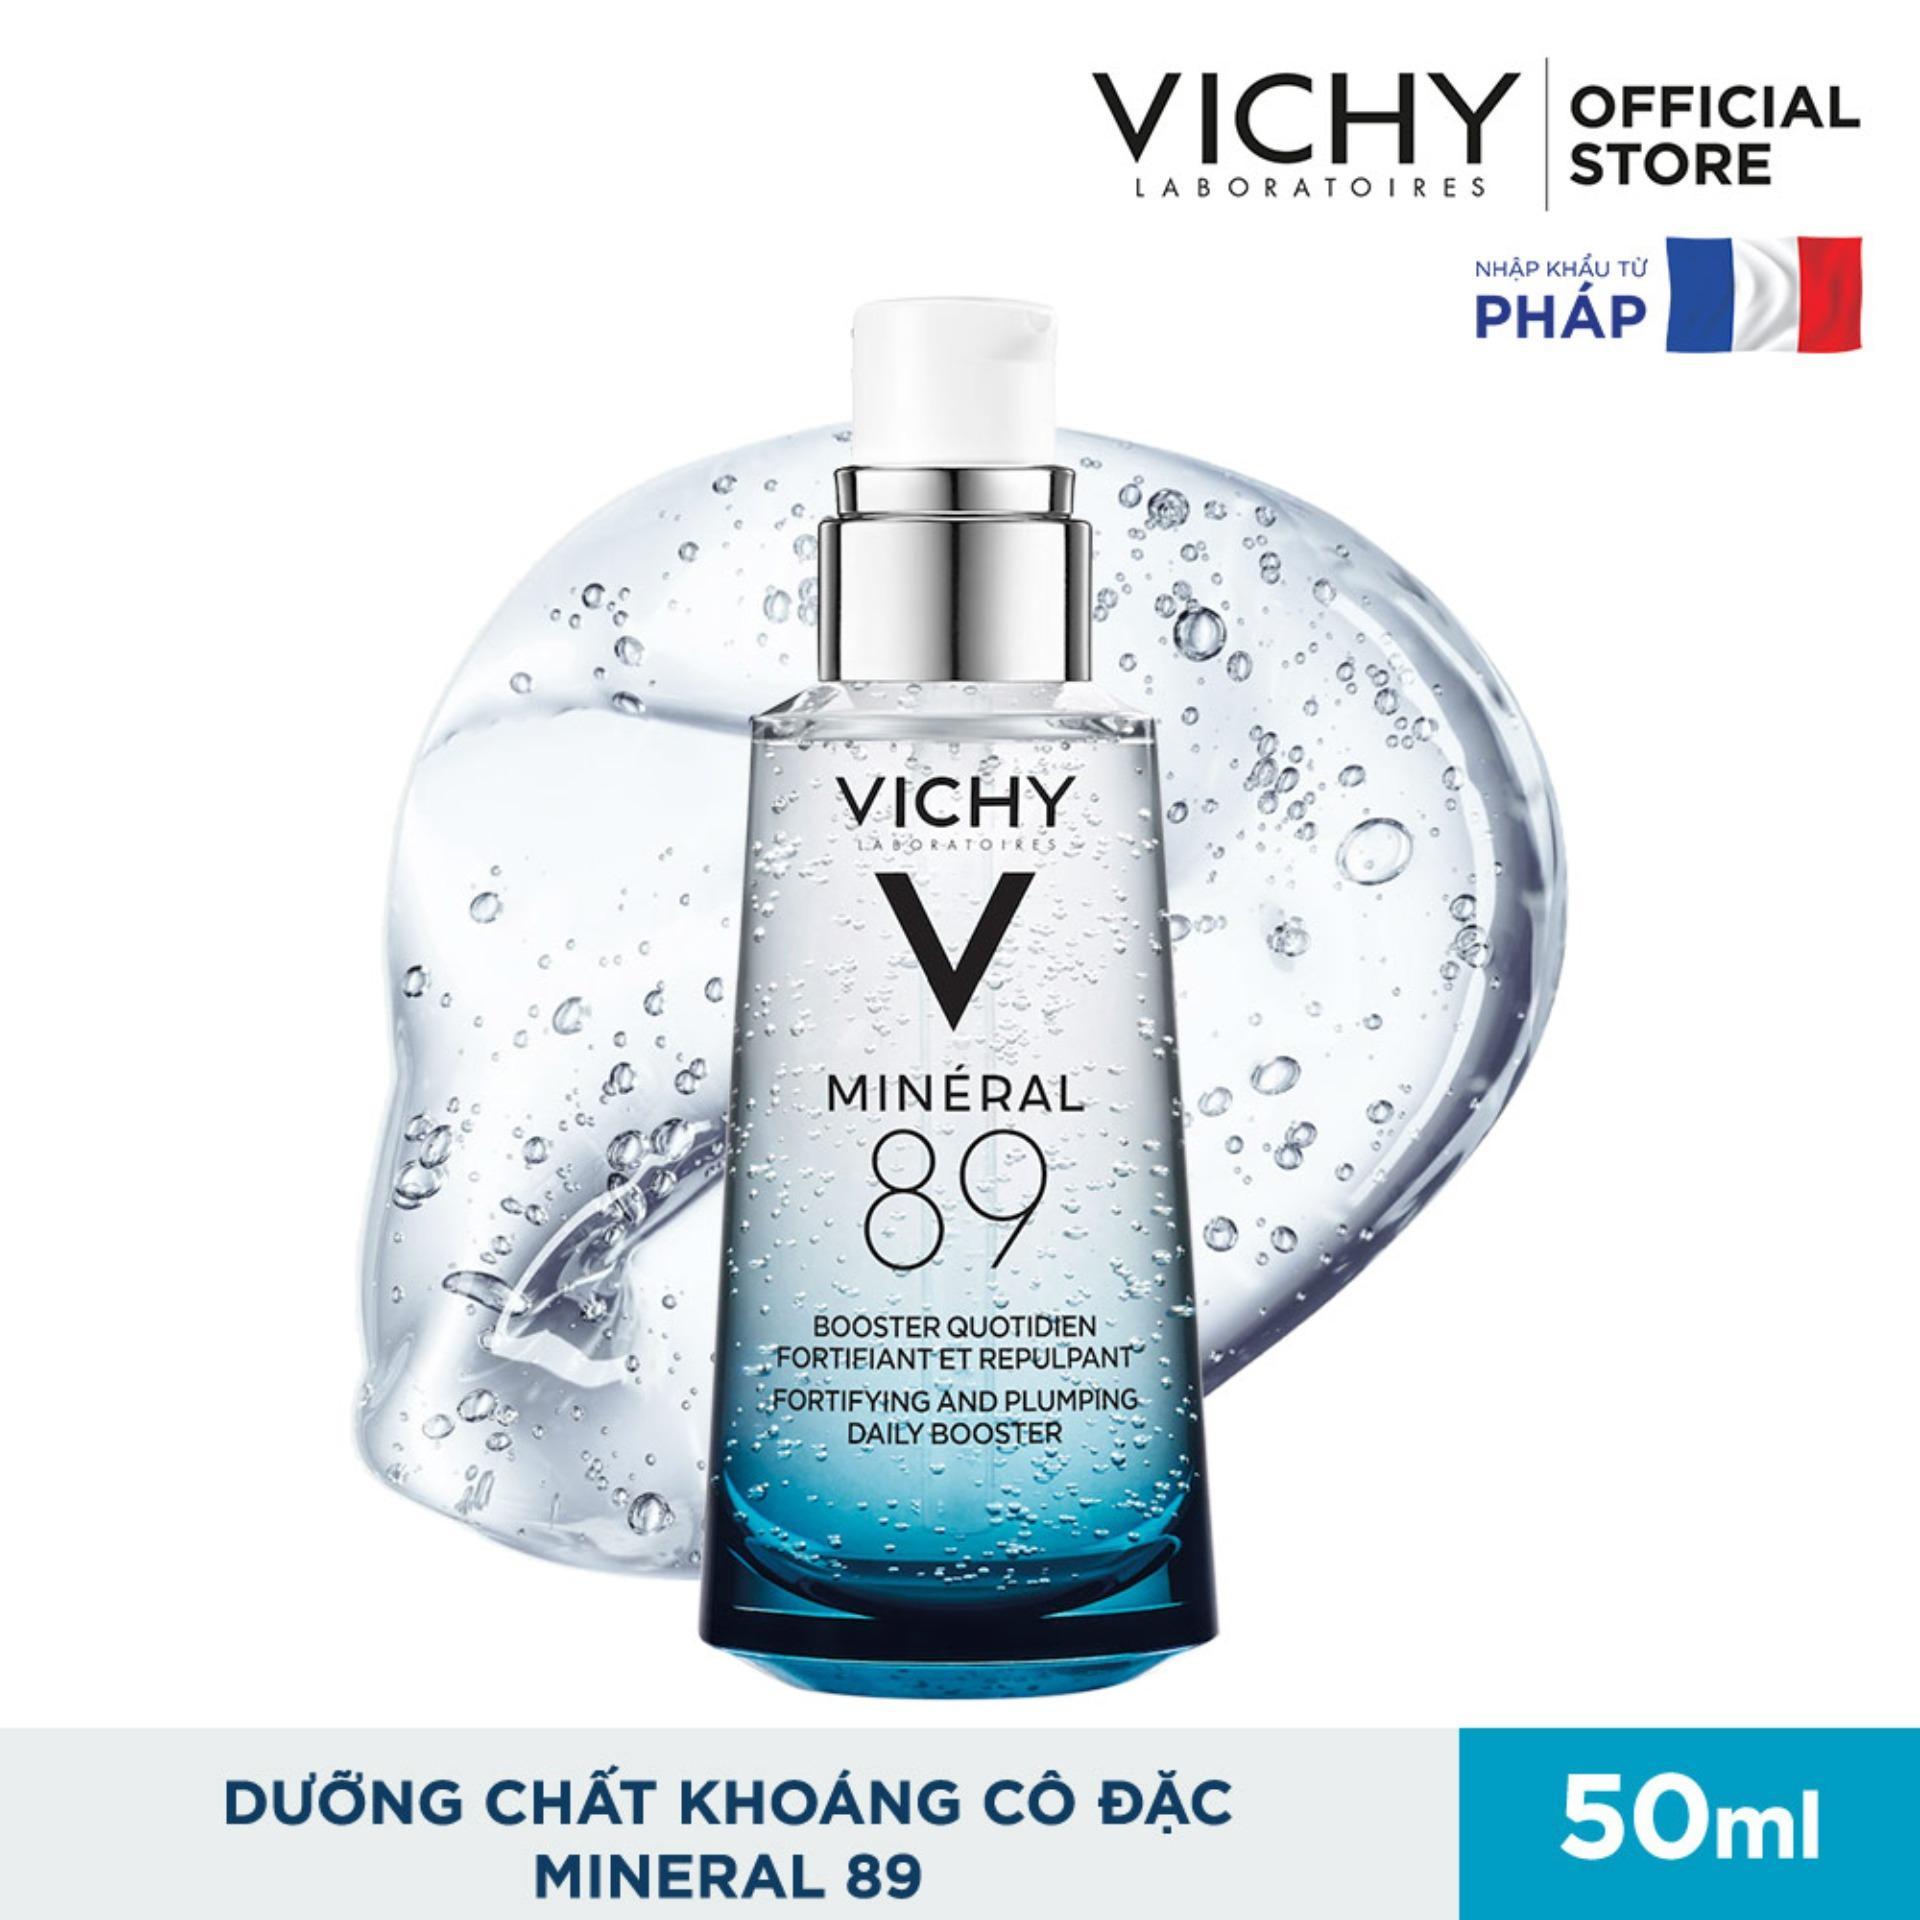 Dưỡng chất giàu khoáng chất Mineral 89 giúp da sáng mịn và căng mượt (Dành cho mọi loại da) 50ML